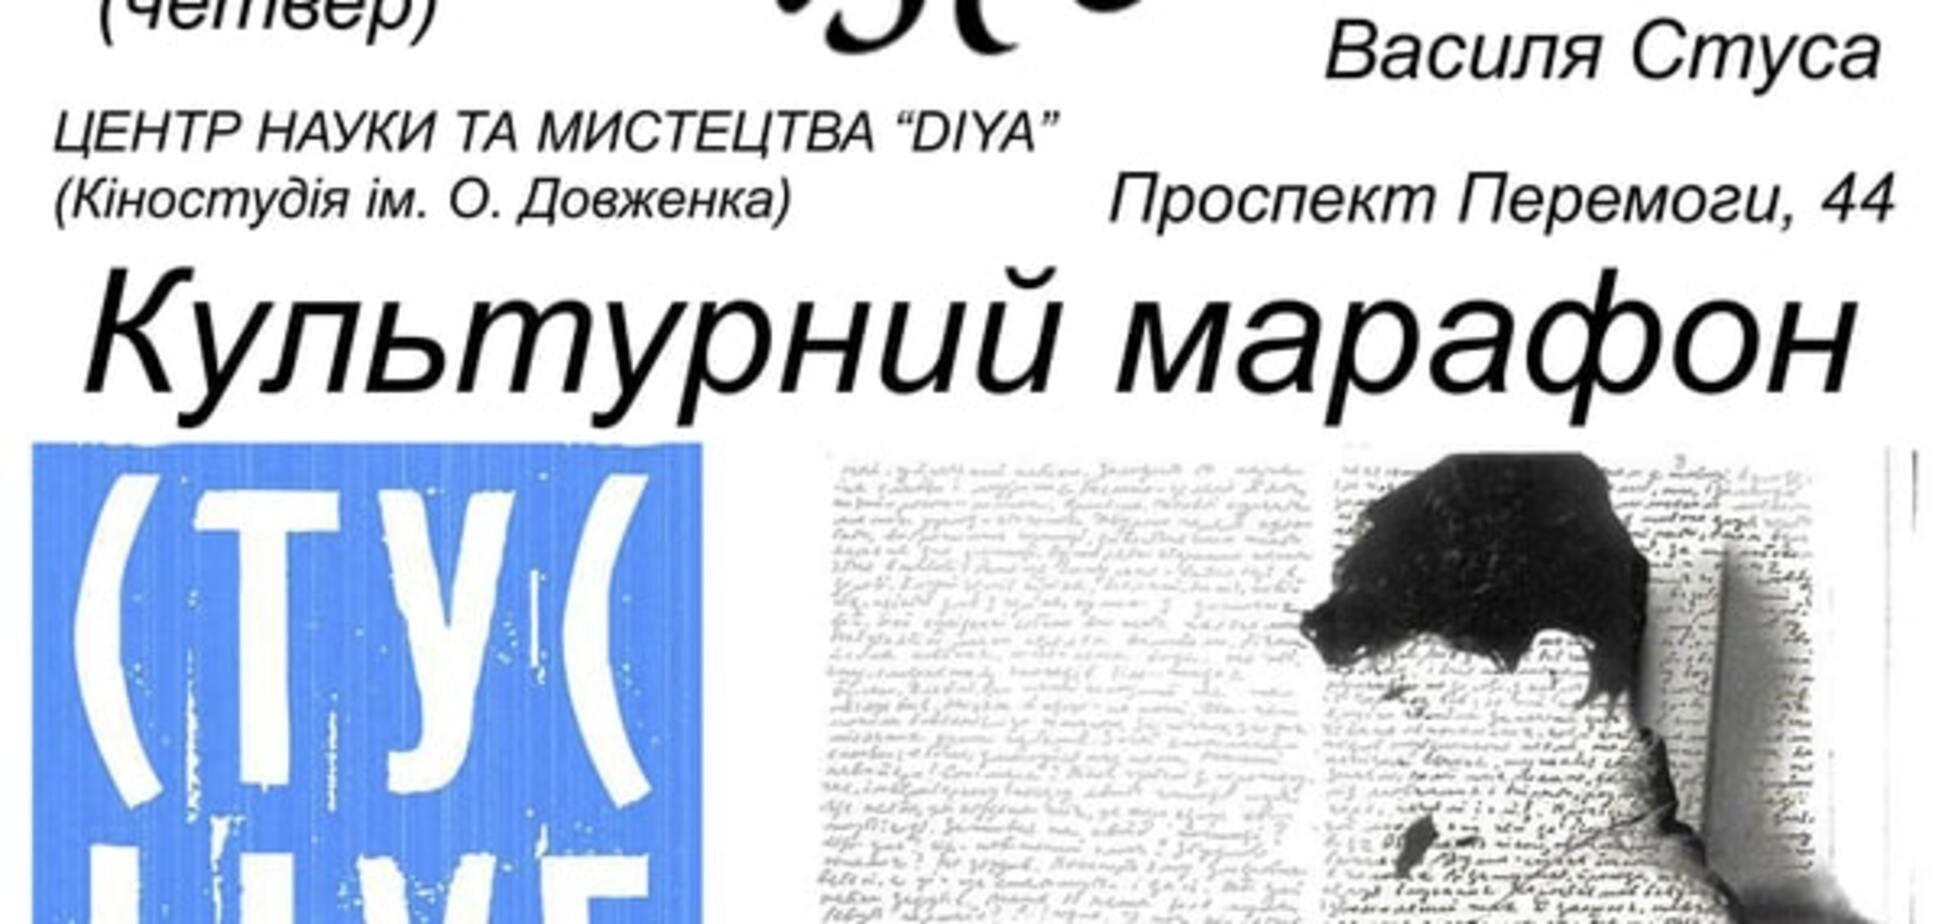 В Киеве прошел марафон, приуроченный к 30-летию со дня смерти Василия Стуса